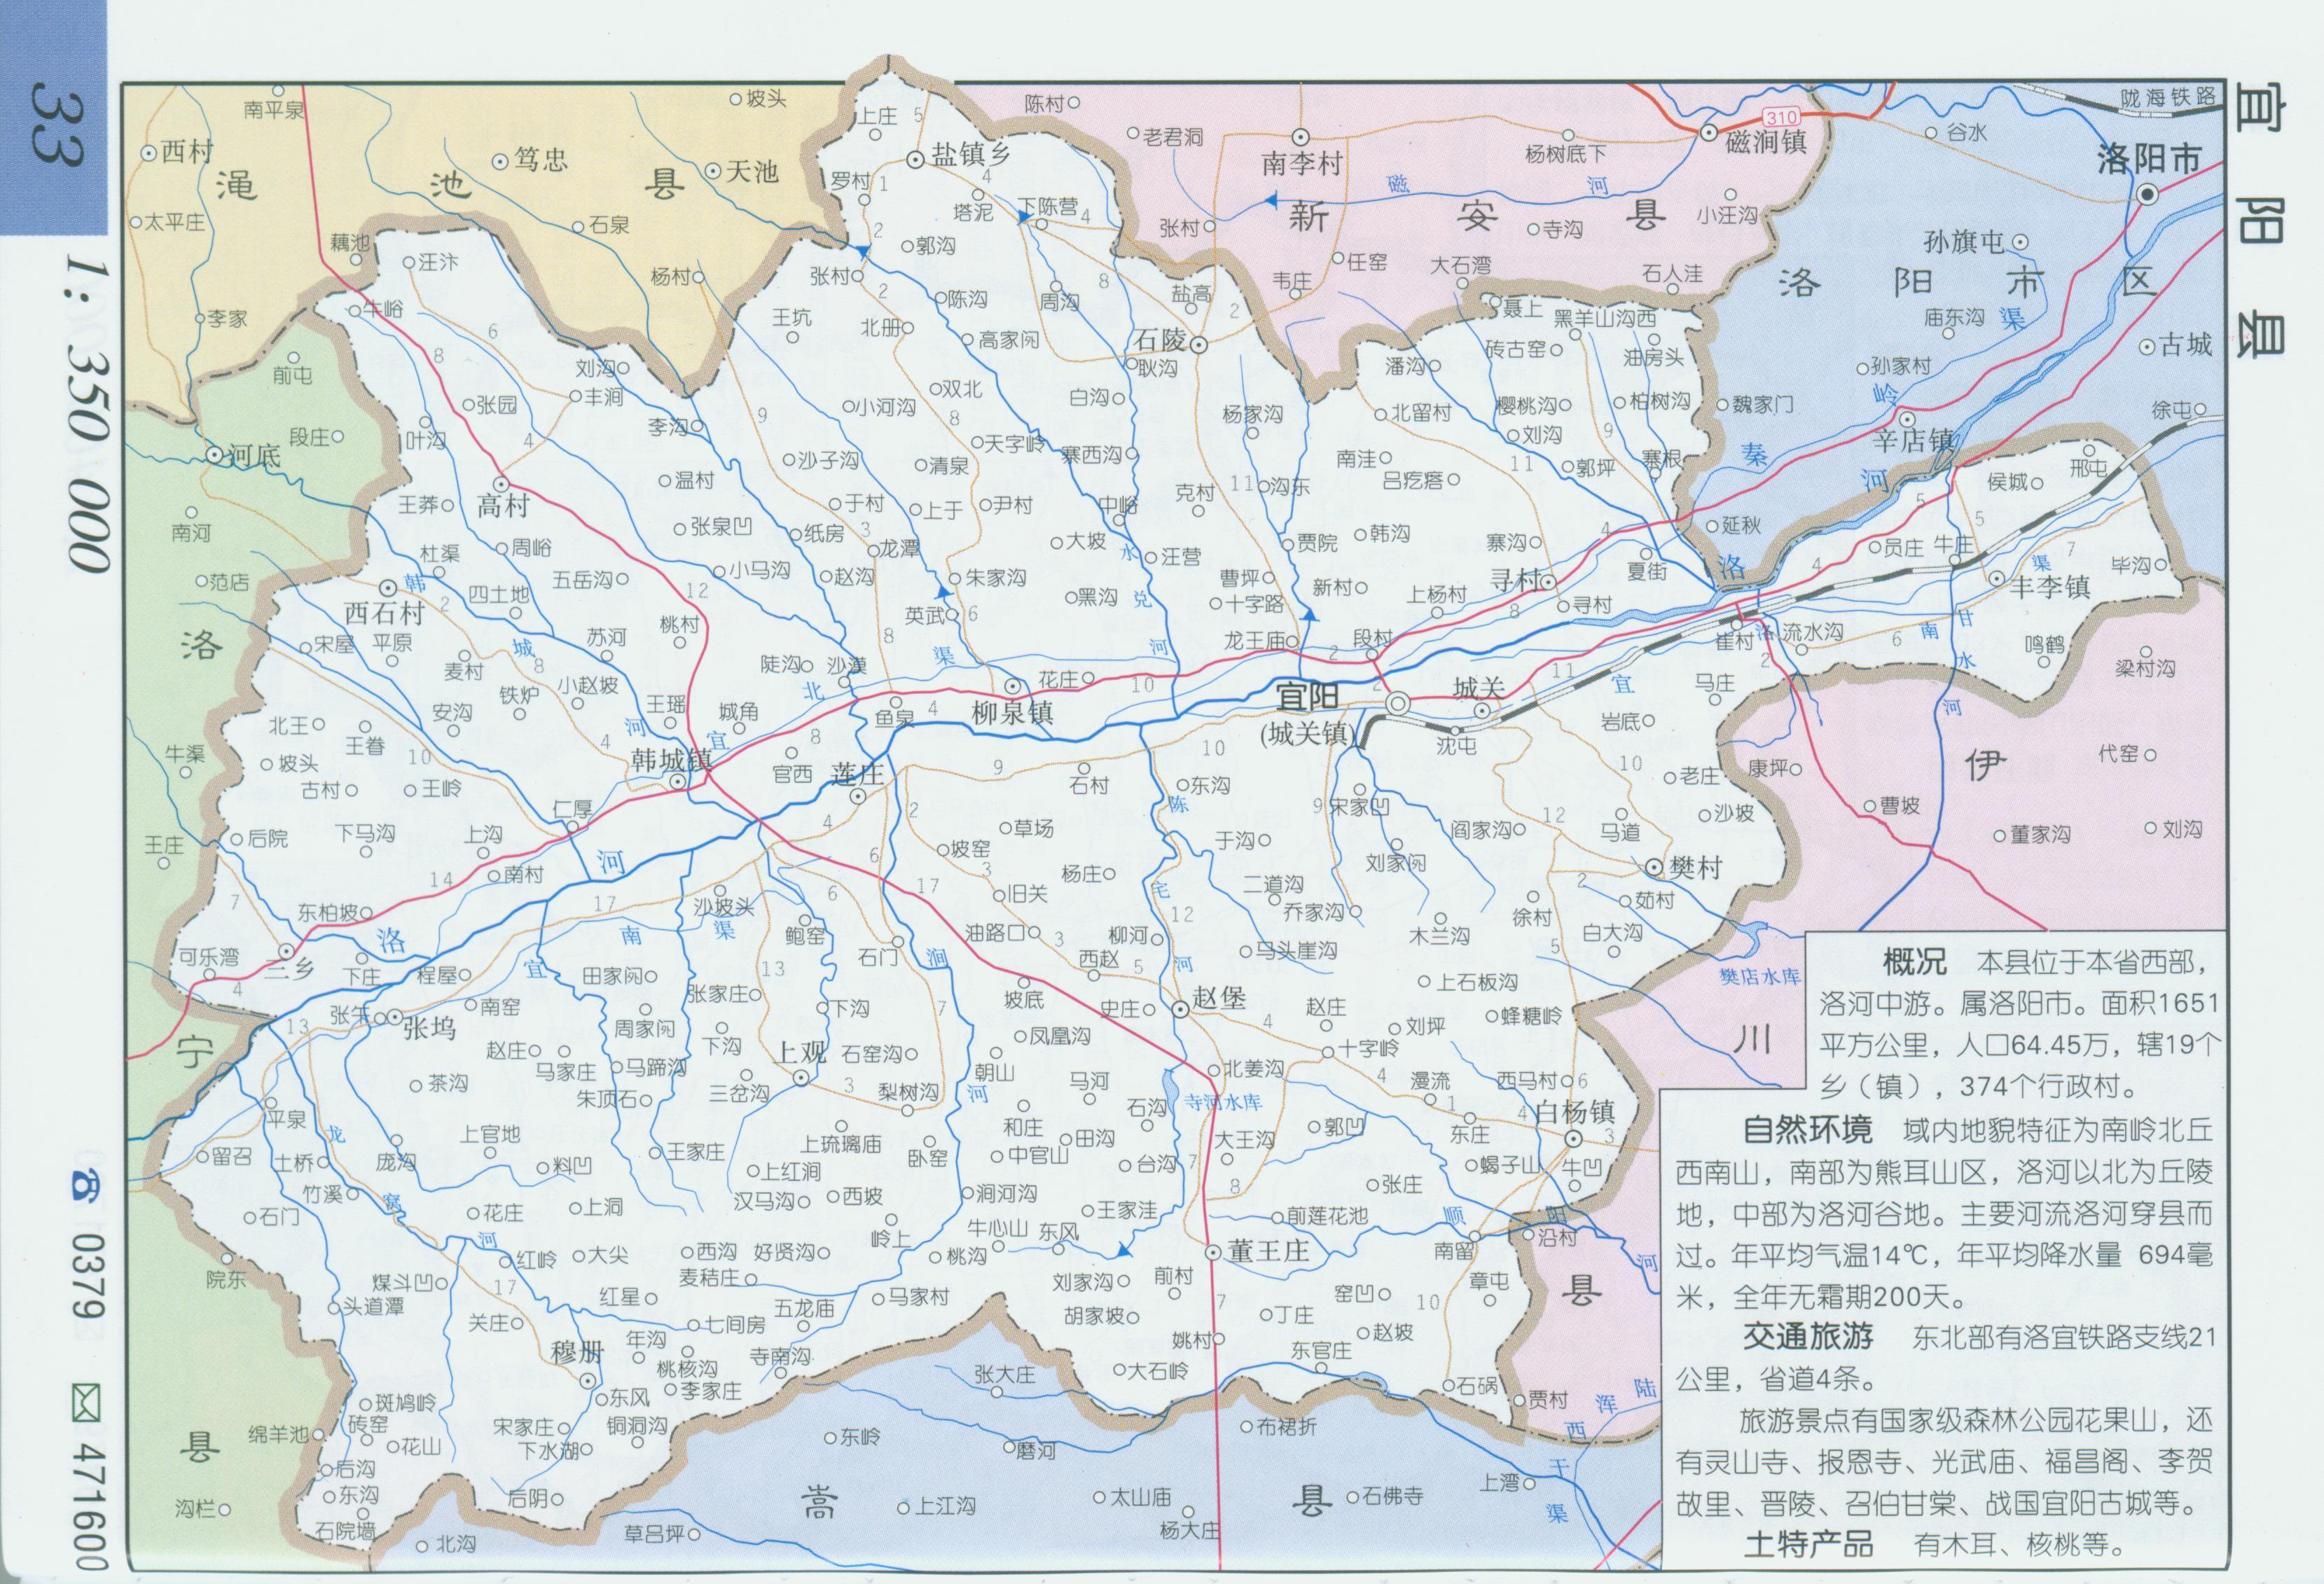 宜阳县 地图 洛阳 市 地图查询 高清图片